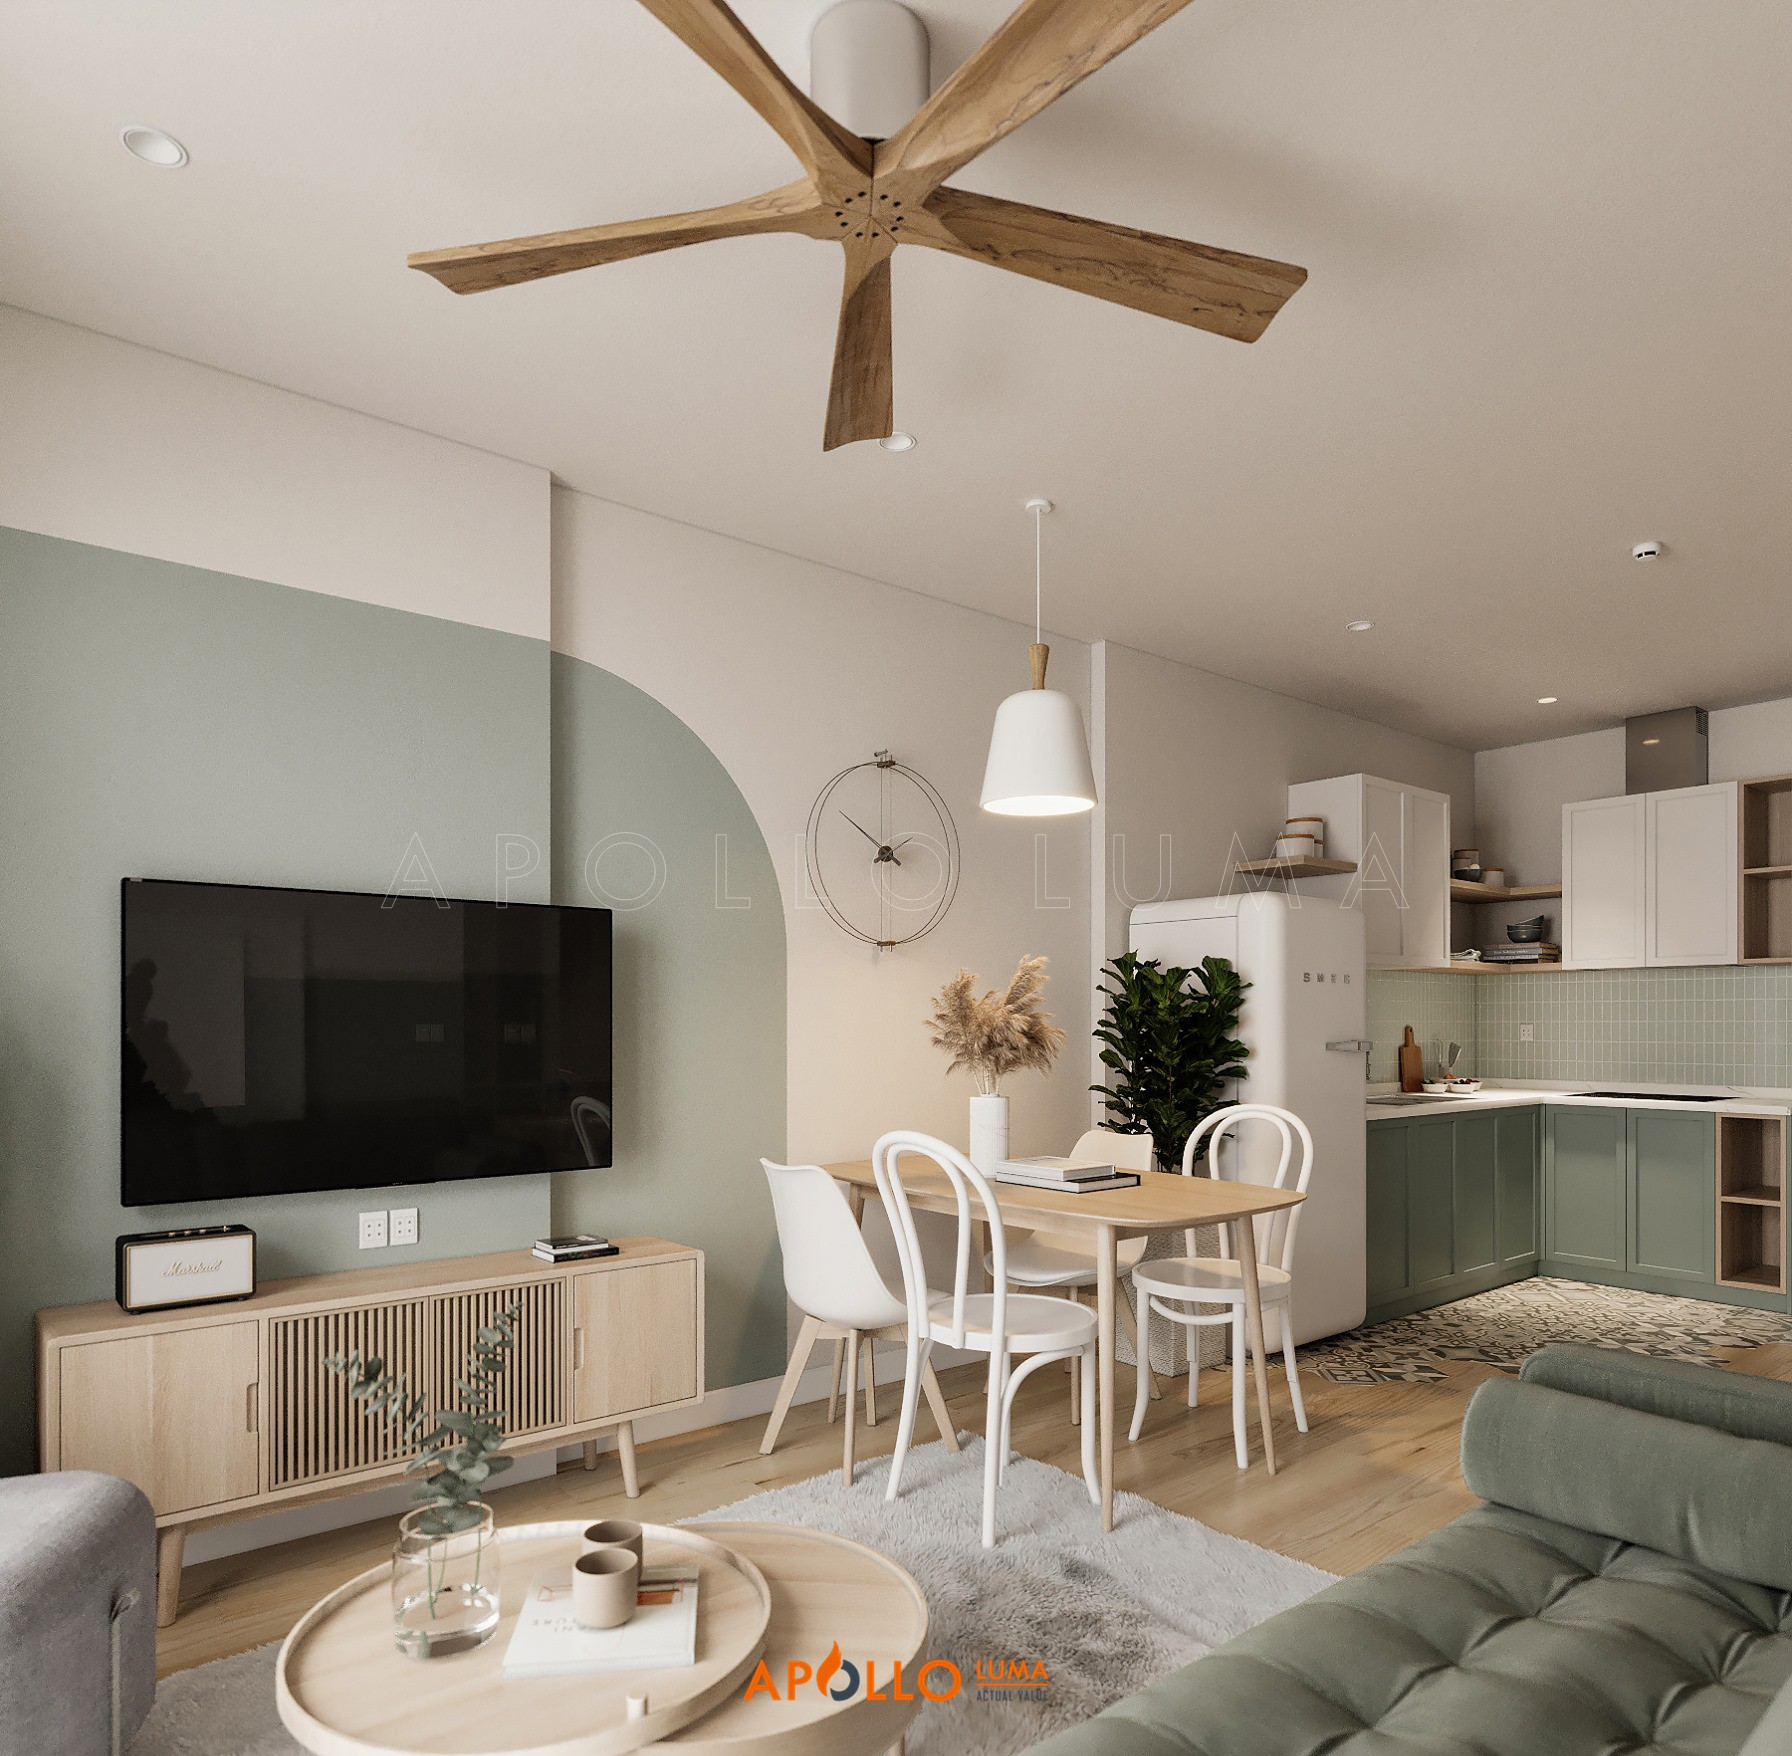 Thiết kế nội thất căn 1PN+1 (43m2) S2.05-05 Vinhomes Ocean Park phong cách Scandinavian